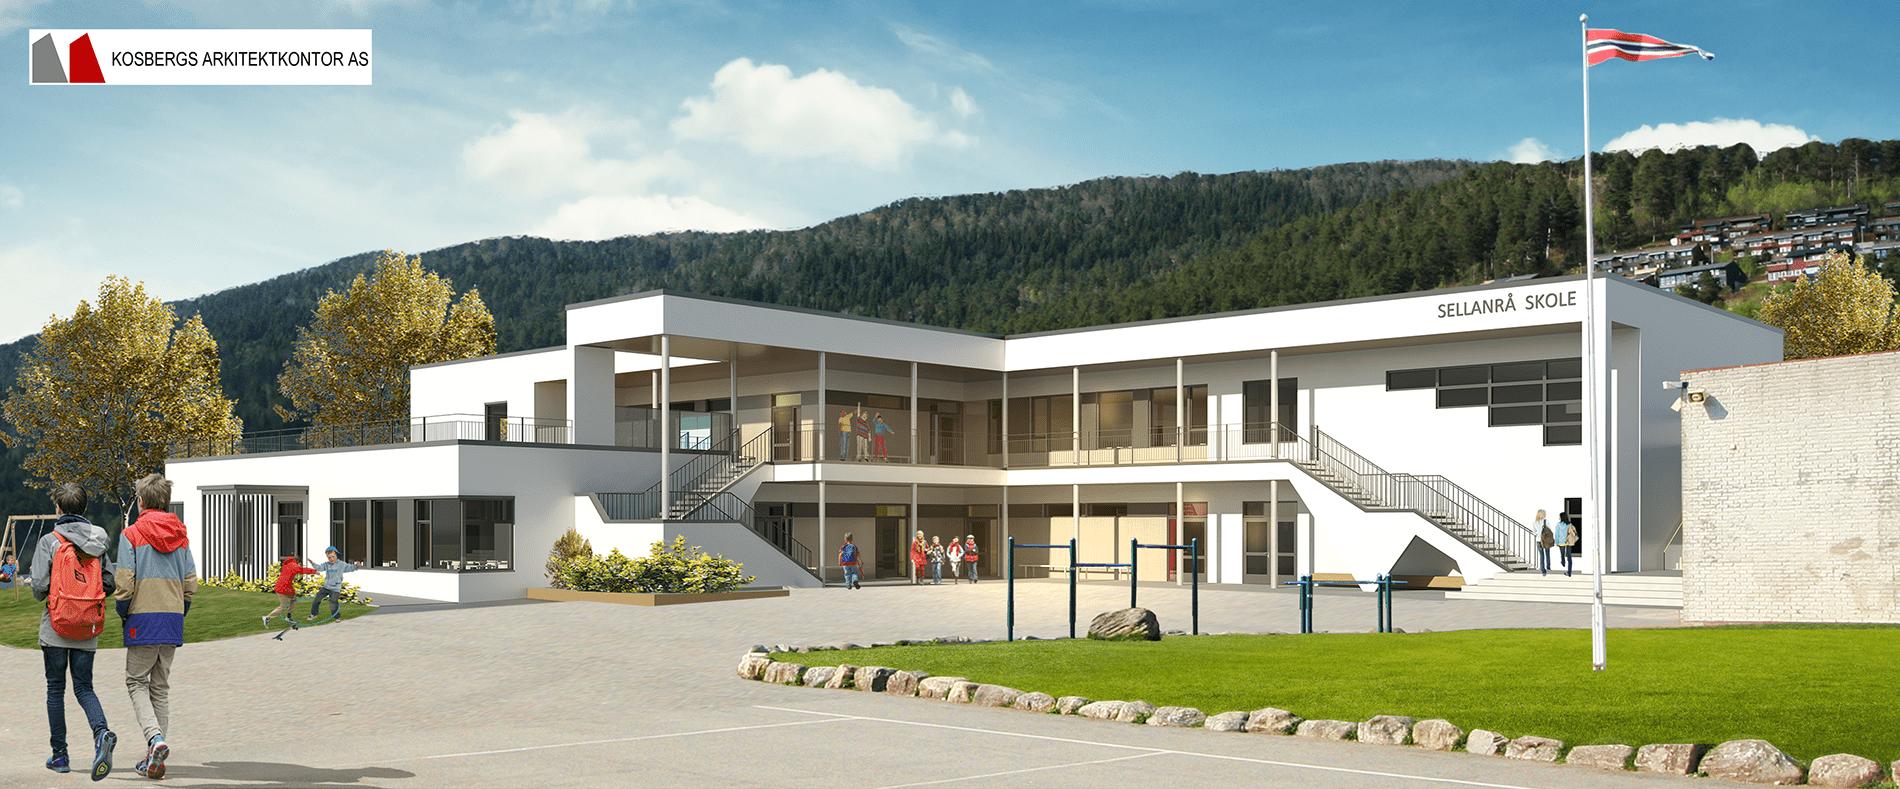 Sellanrå skole